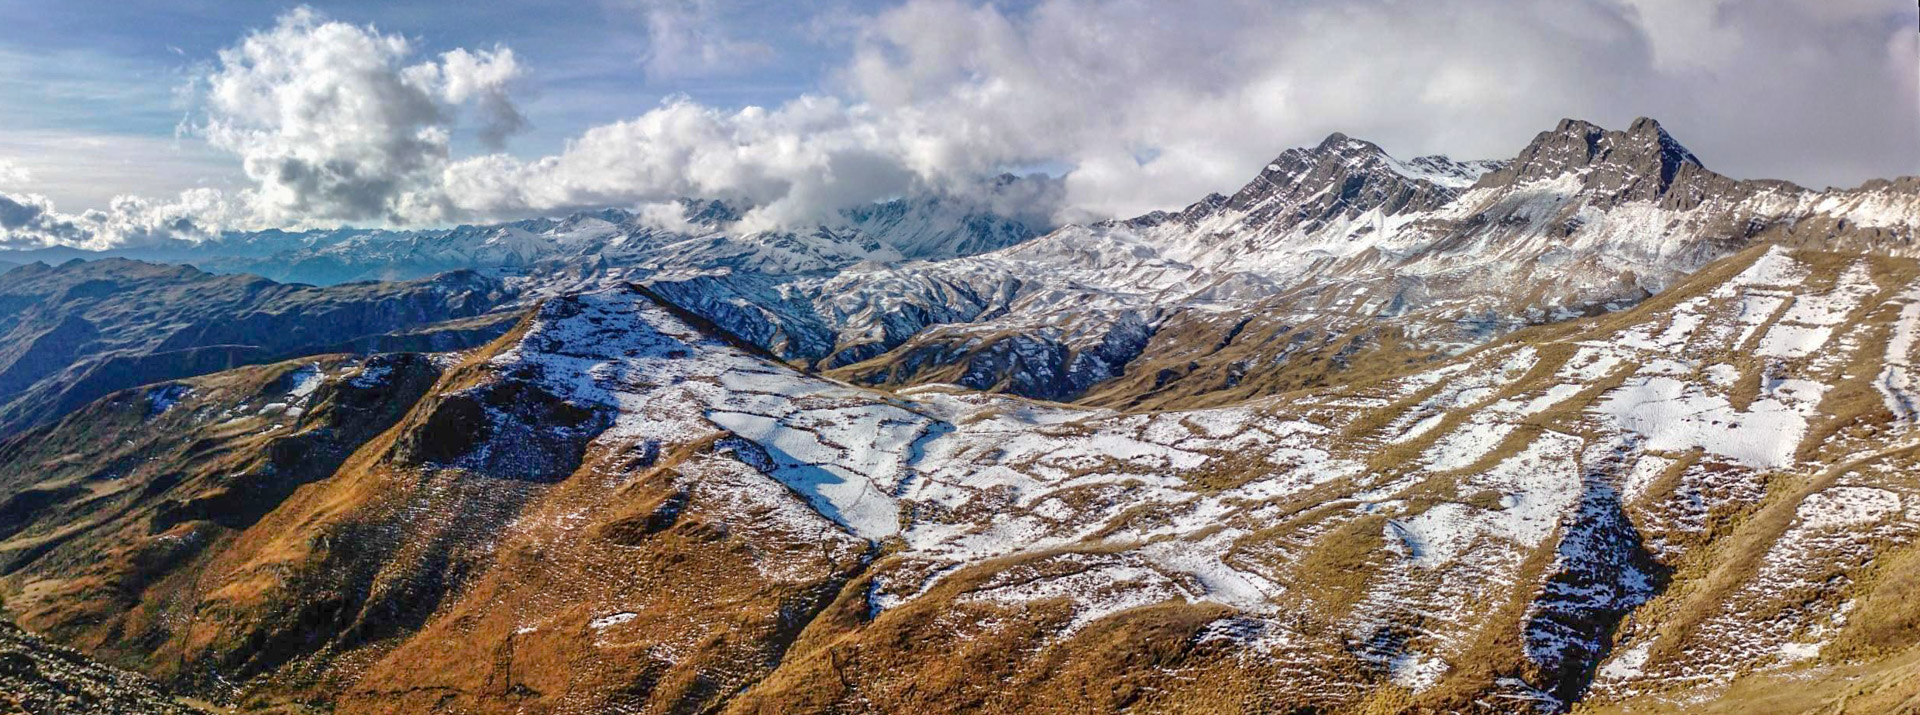 Der Nationalpark Tunari - spektakuläre Landschaft in großer Höhe